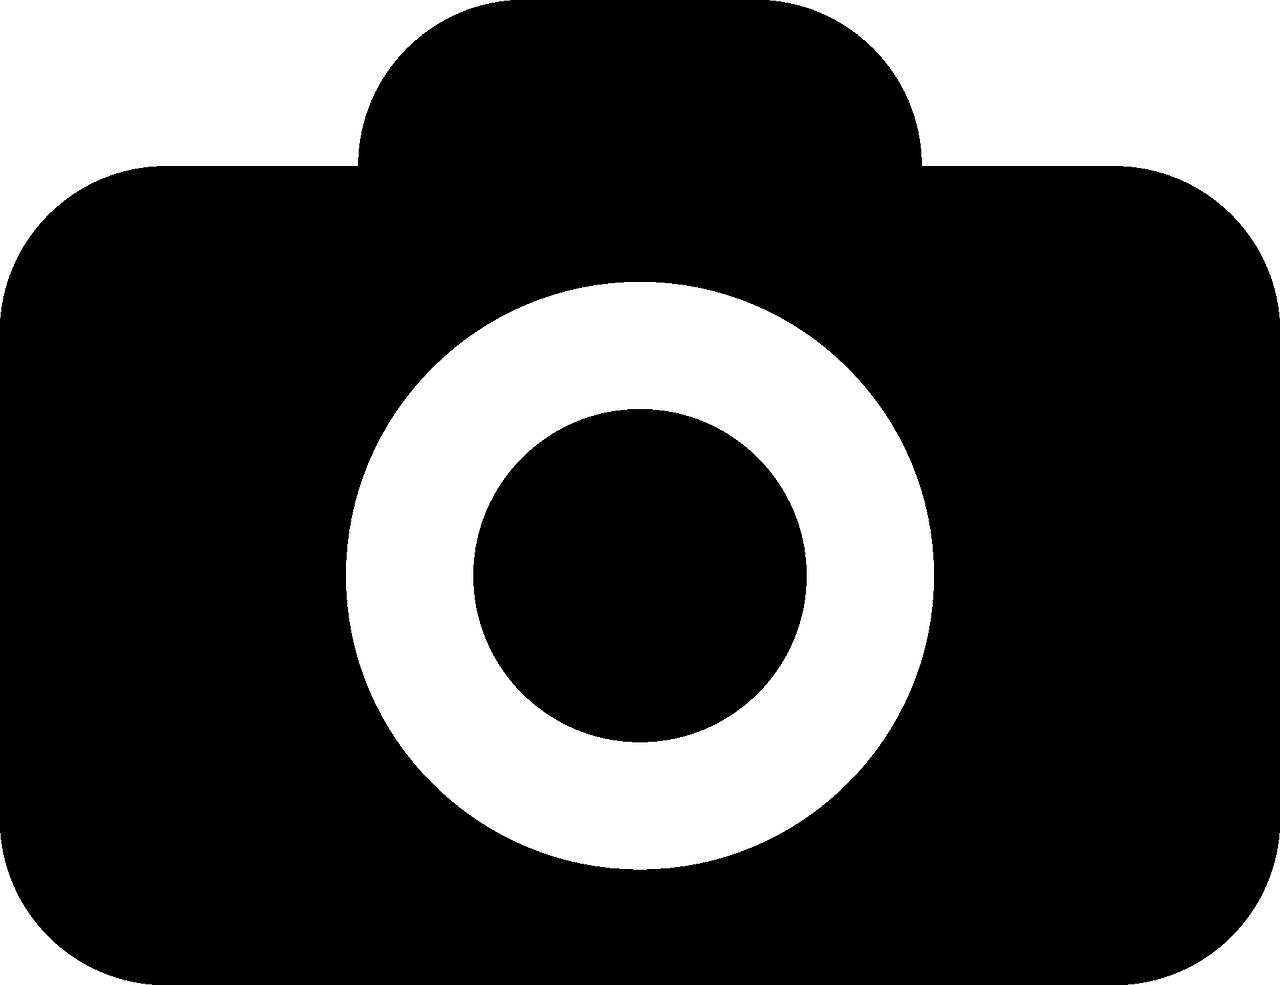 наличии навыков логотип черно белой фотографии видны брошенные